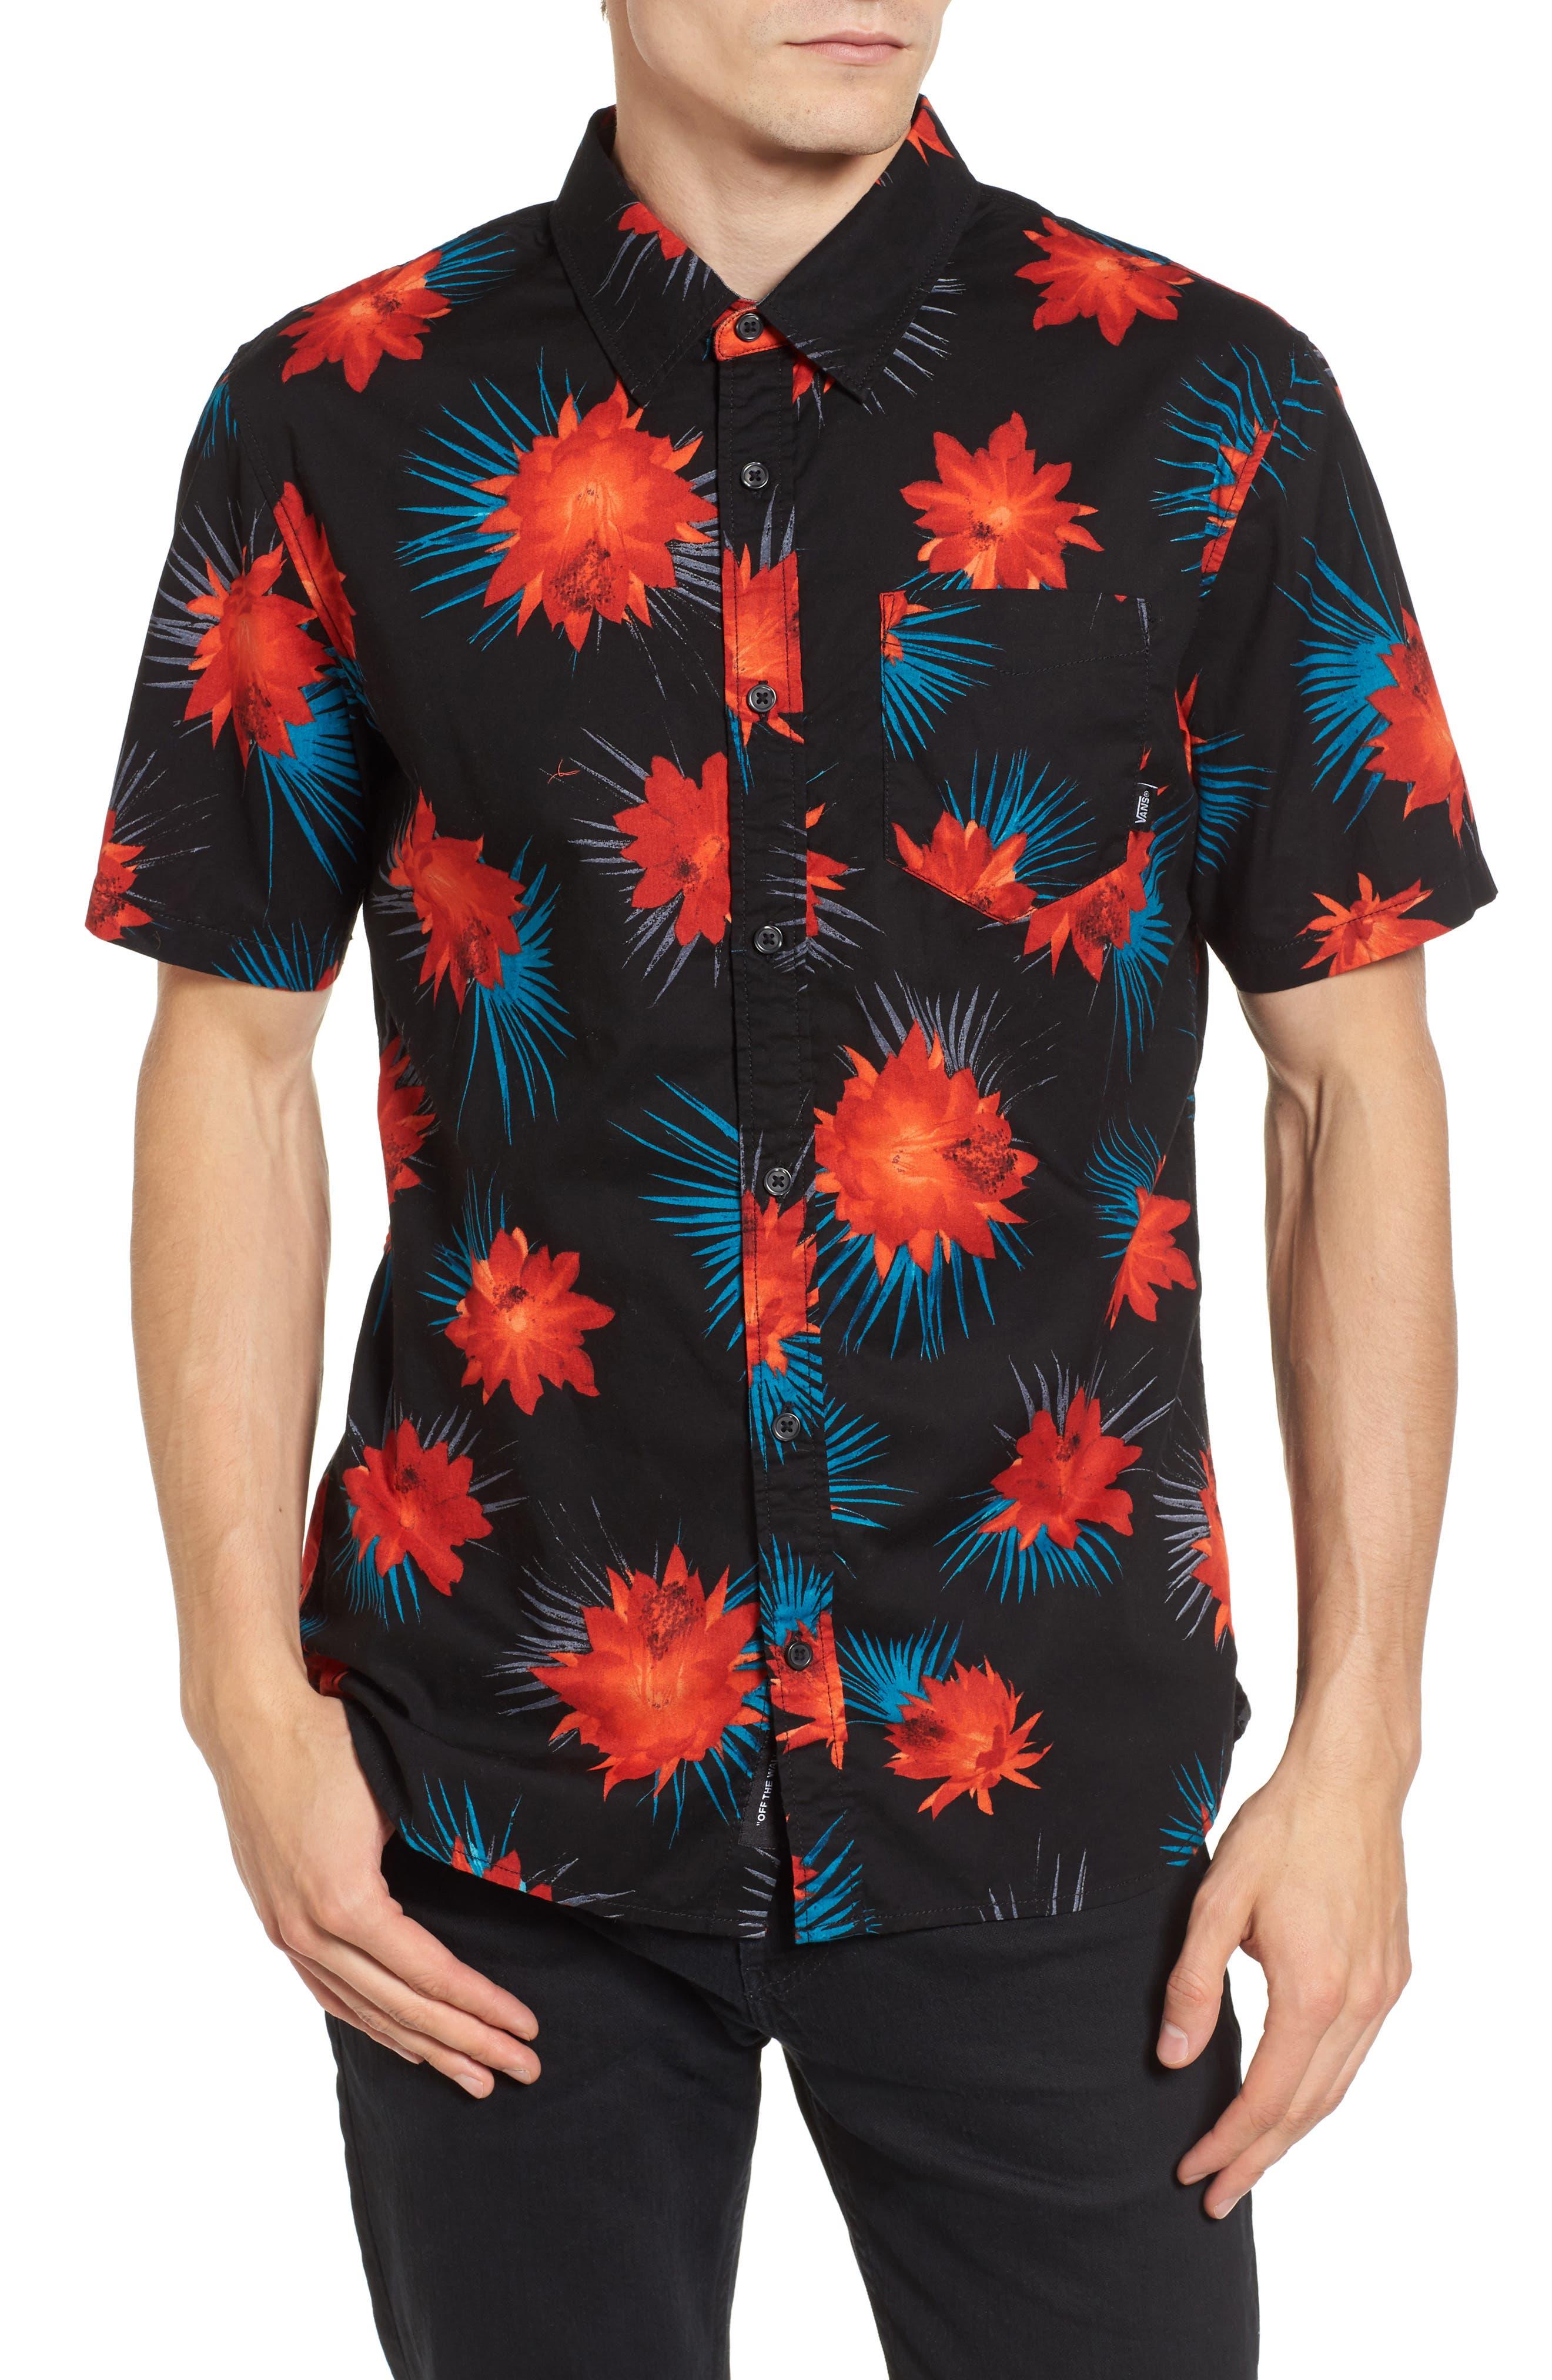 Cultivar Woven Shirt,                         Main,                         color, Cactus Floral